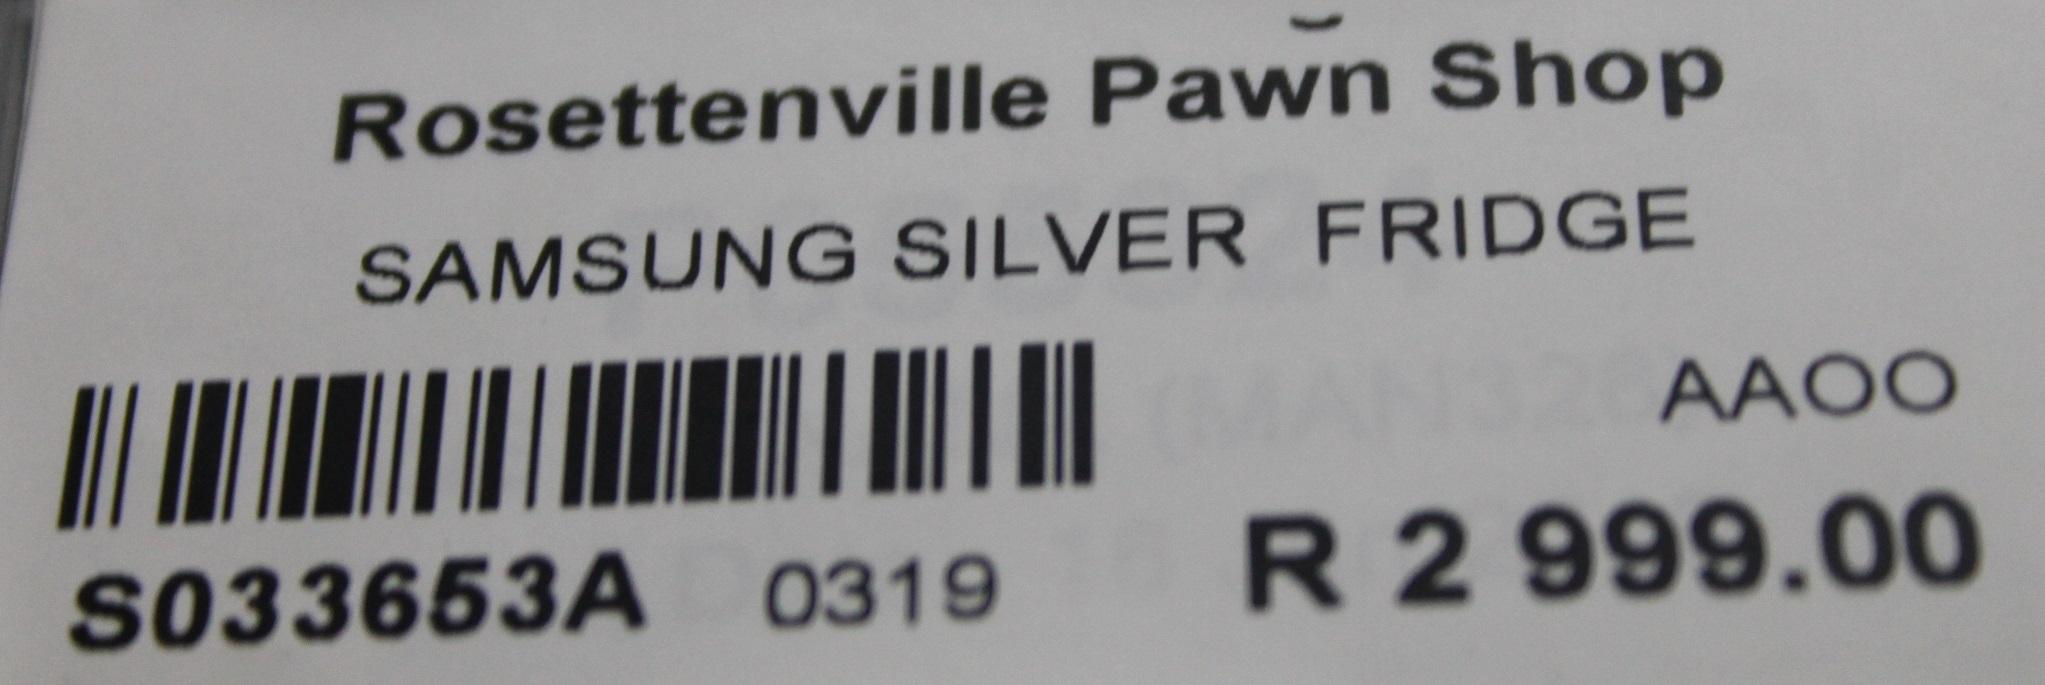 Samsung fridge S033653A #Rosettenvillepawnshop